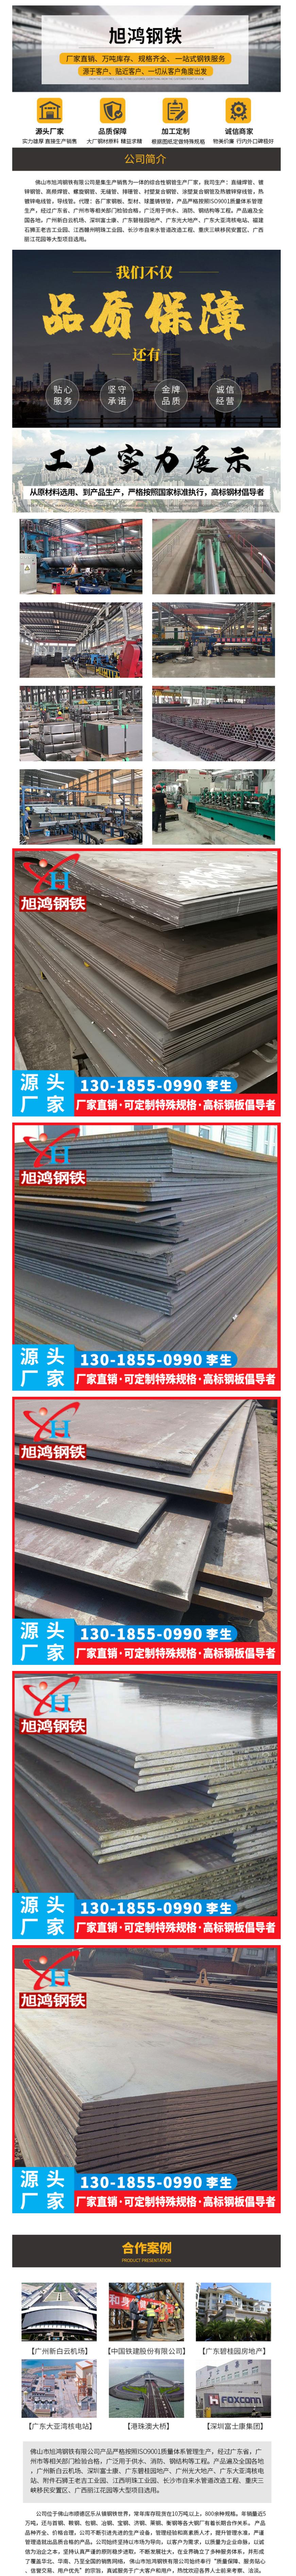 广东厂家直销镀锌花纹板 菱形花纹钢板 3毫米厚花纹板自定义尺寸-阿里巴巴.png